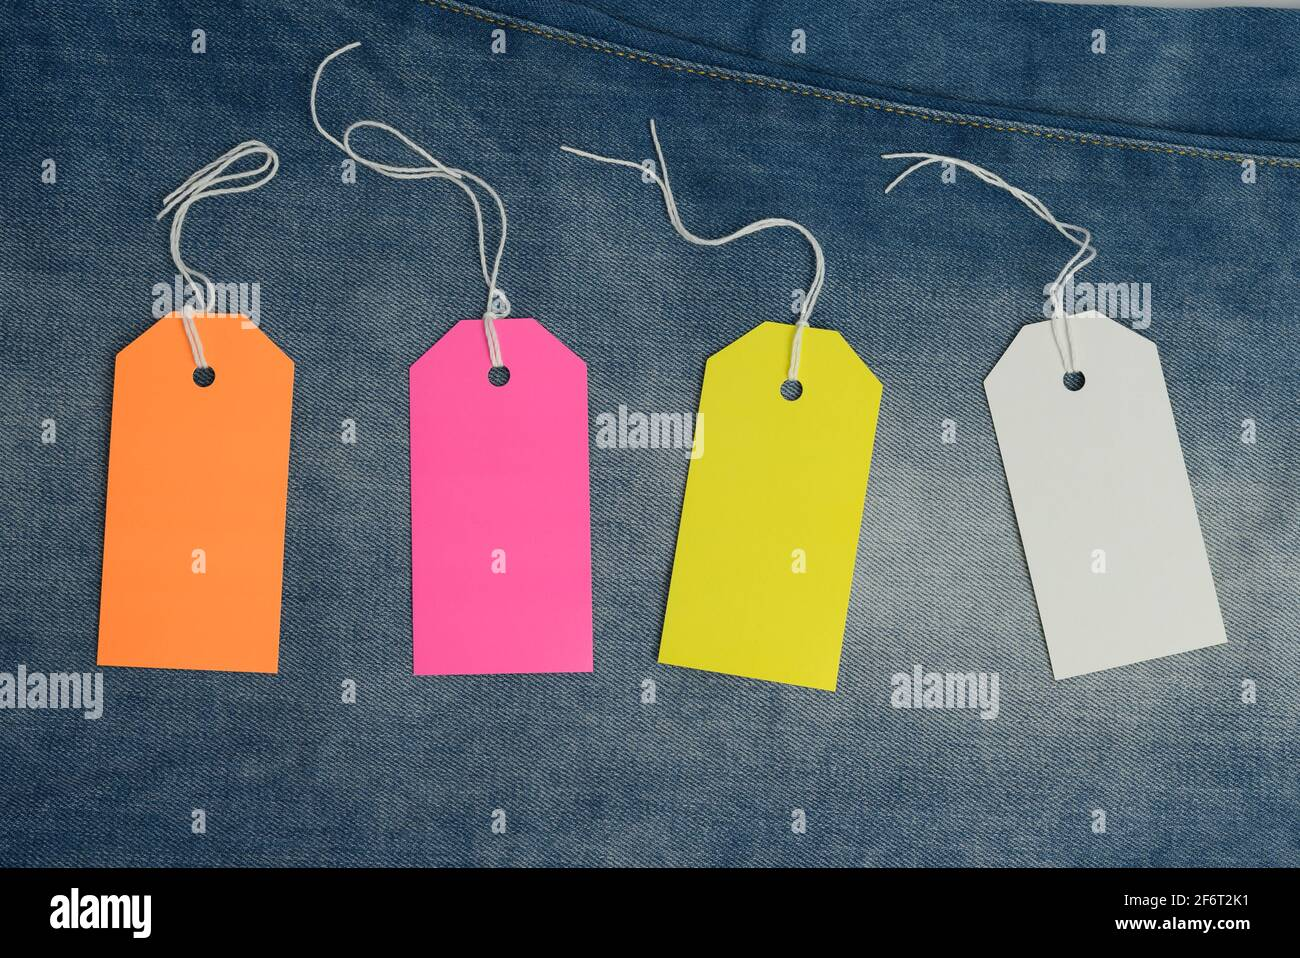 étiquettes en carton rectangulaires vierges de couleur sur fond bleu jean, vue du dessus. Banque D'Images